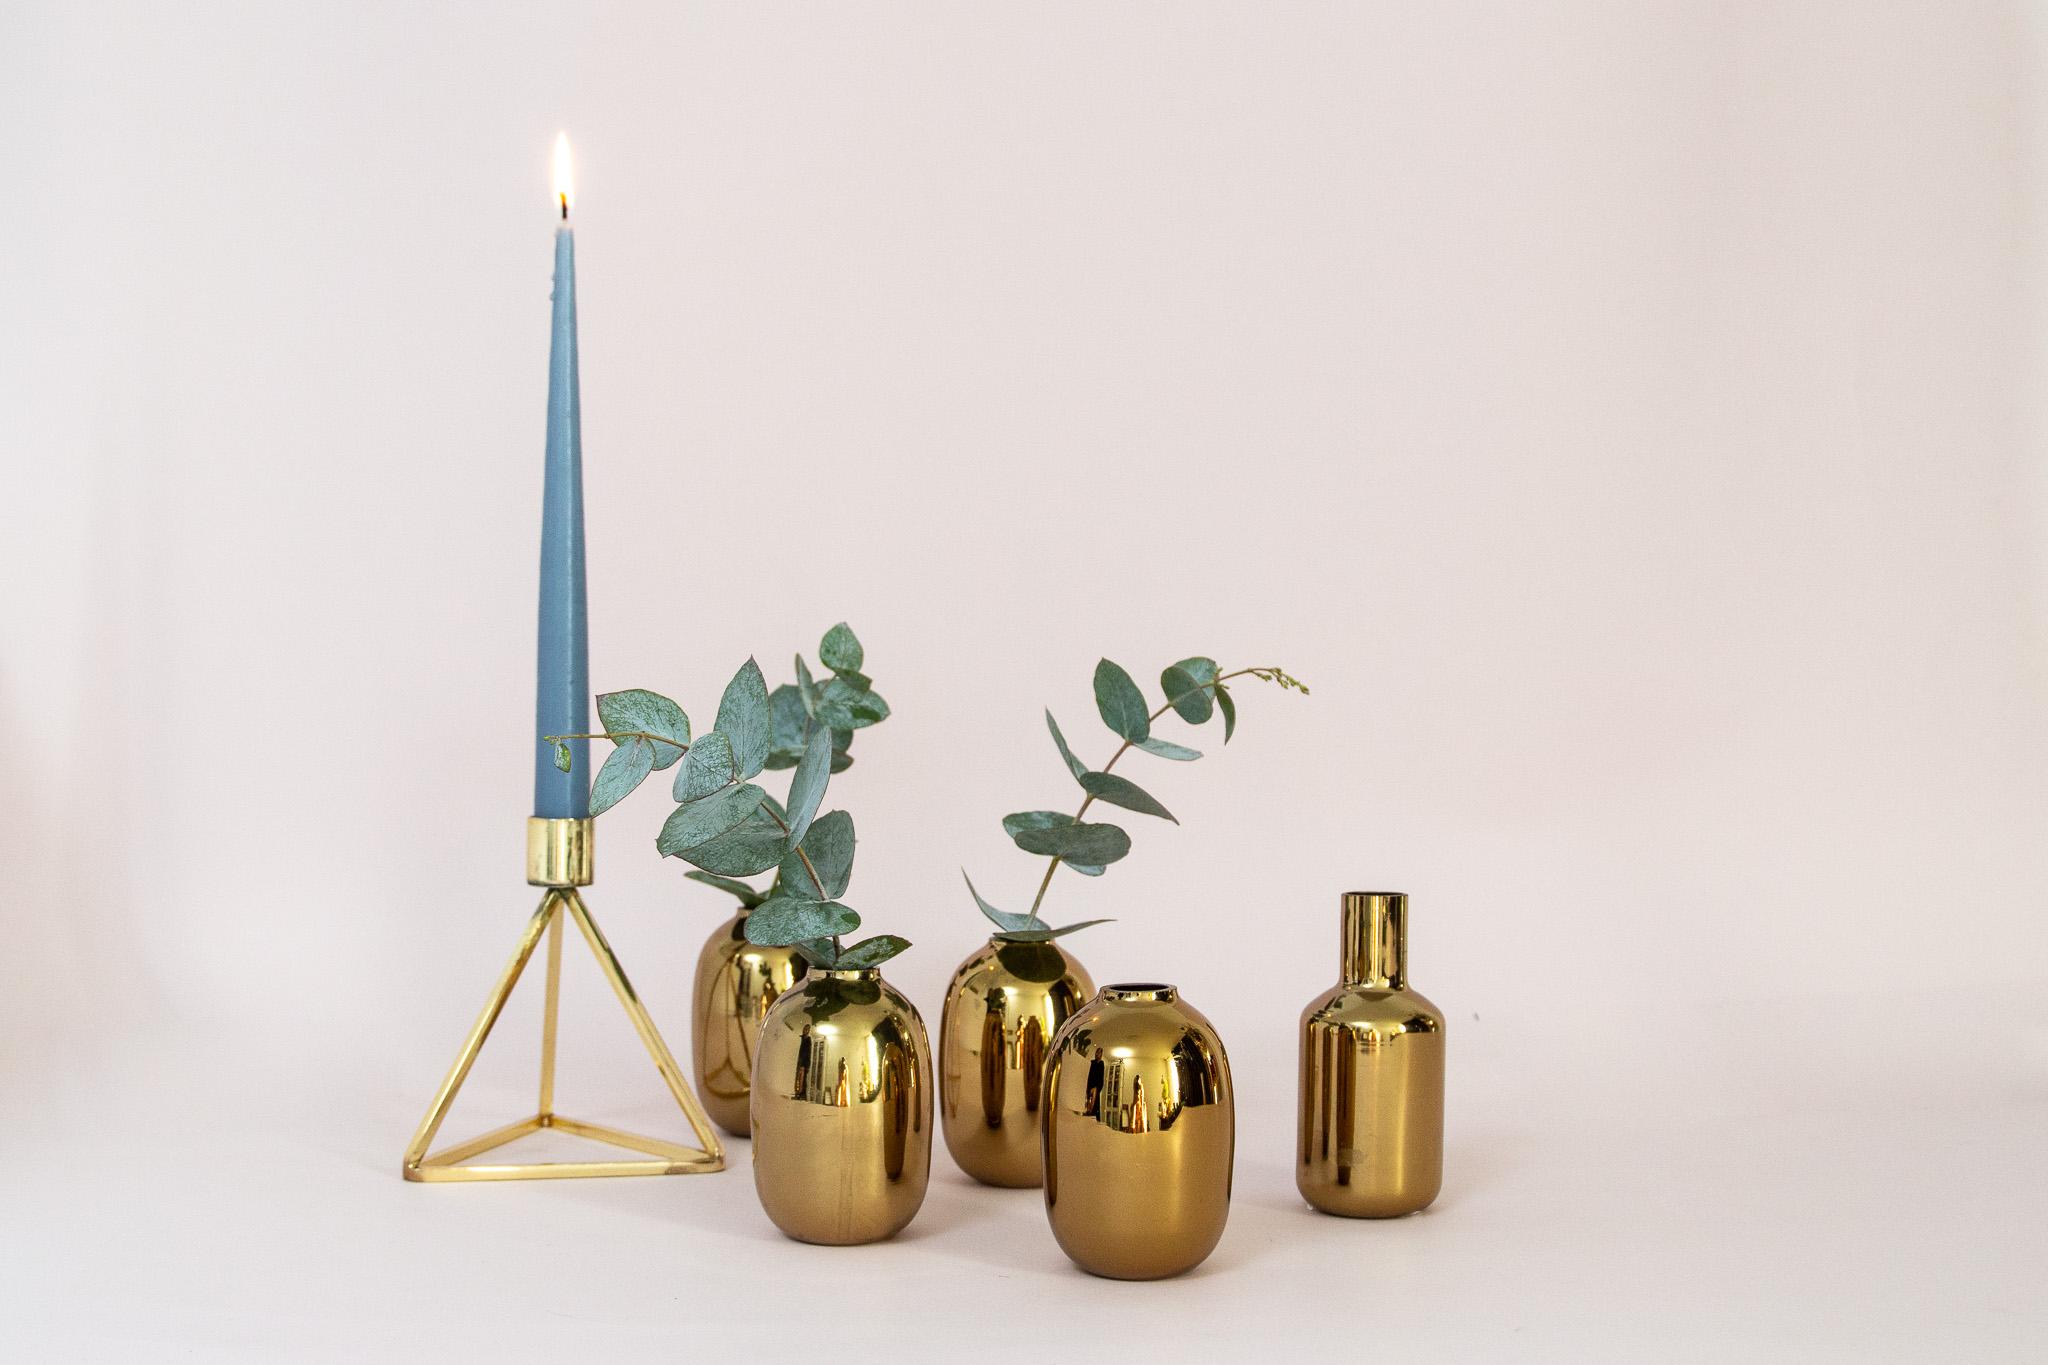 Aukso spalvos mini vazelės žemoms gėlėmsVv-17